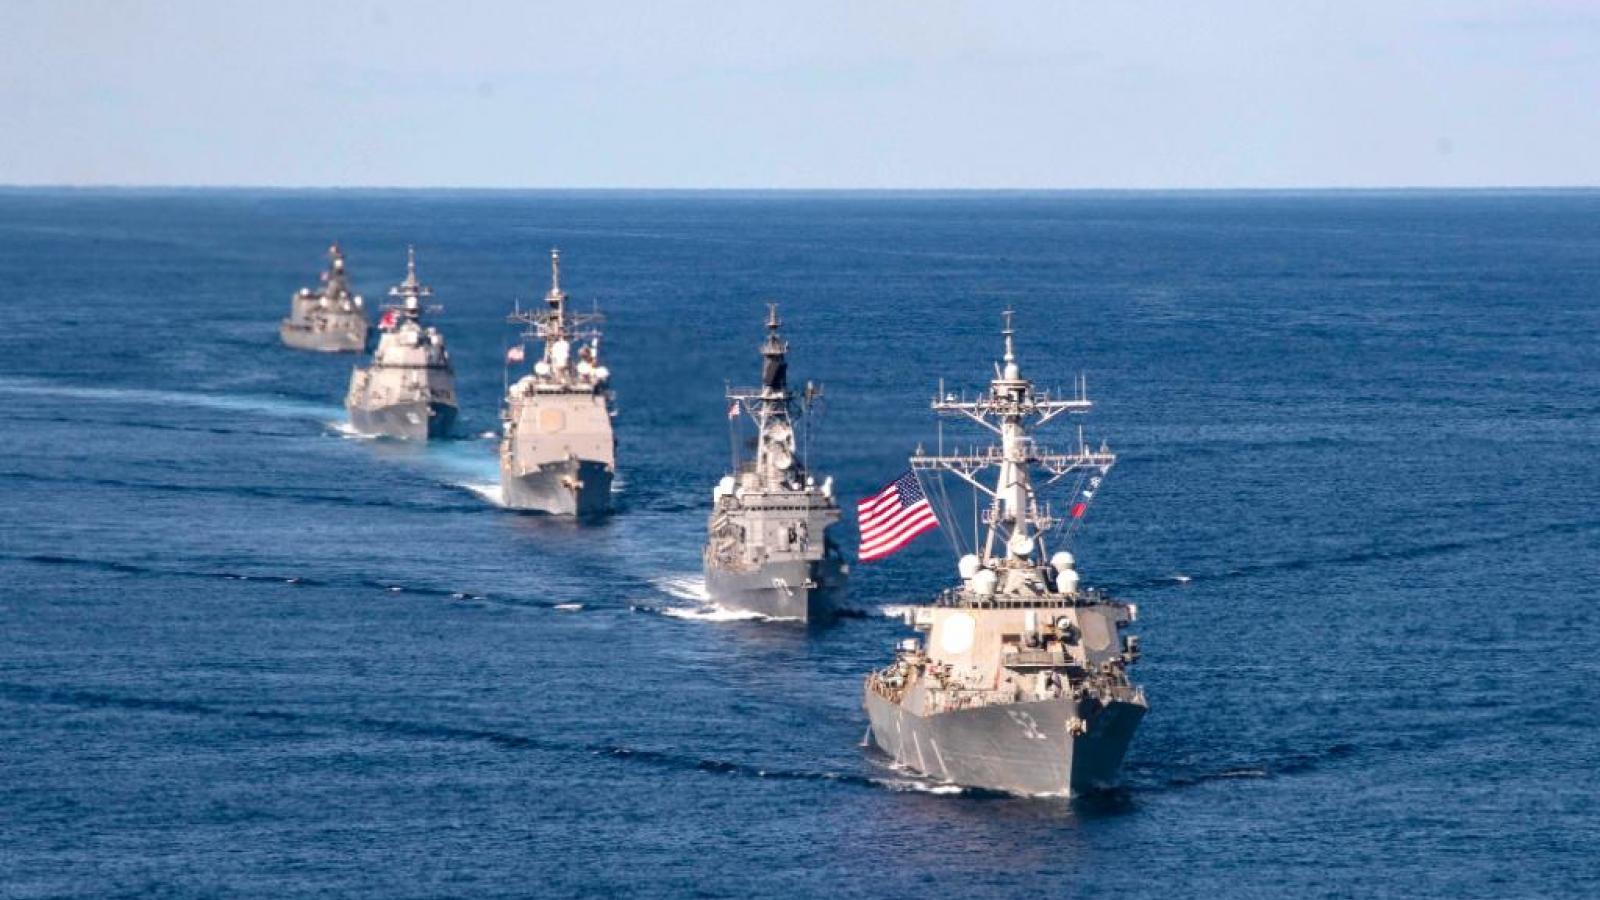 Nhóm tác chiến tàu sân bay Mỹ tập trận Keen Sword cùng tàu chiến Nhật Bản, Canada